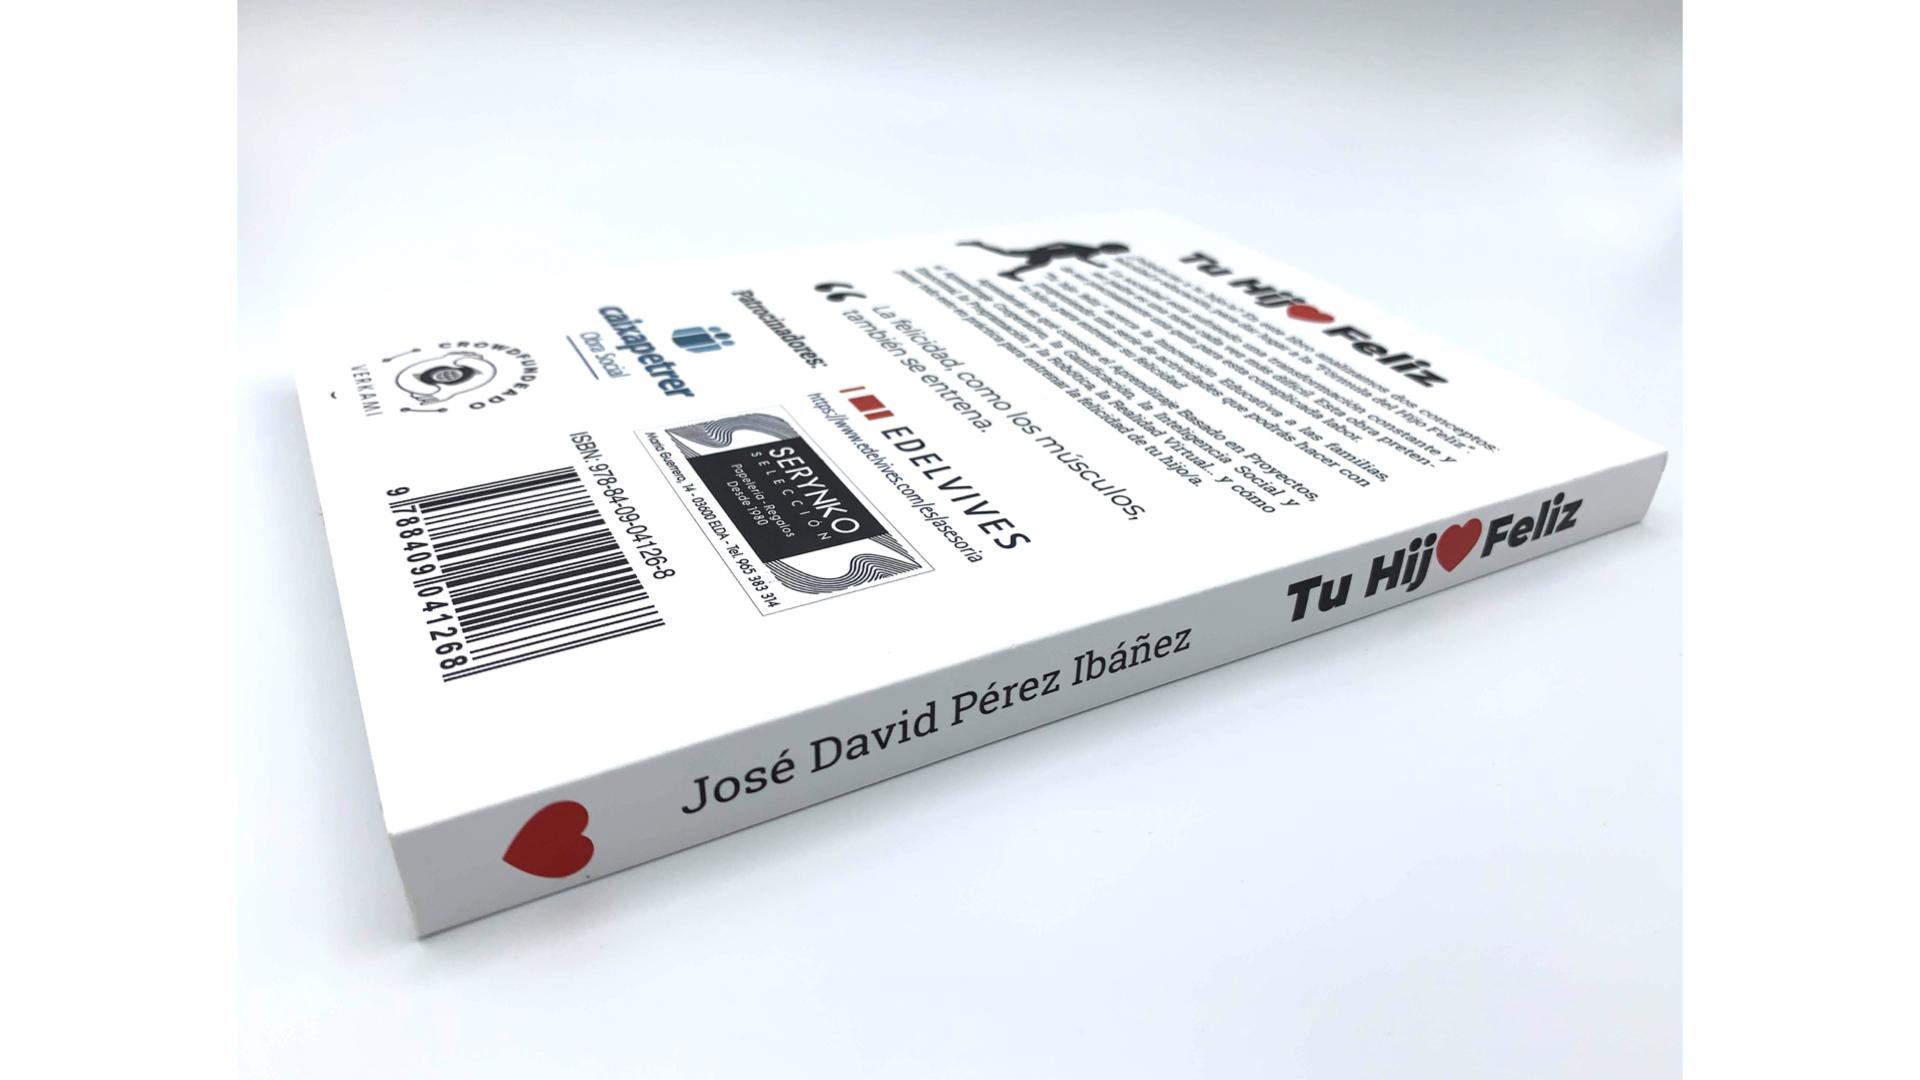 Tu hijo feliz, el libro - José David Pérez - Foto 04